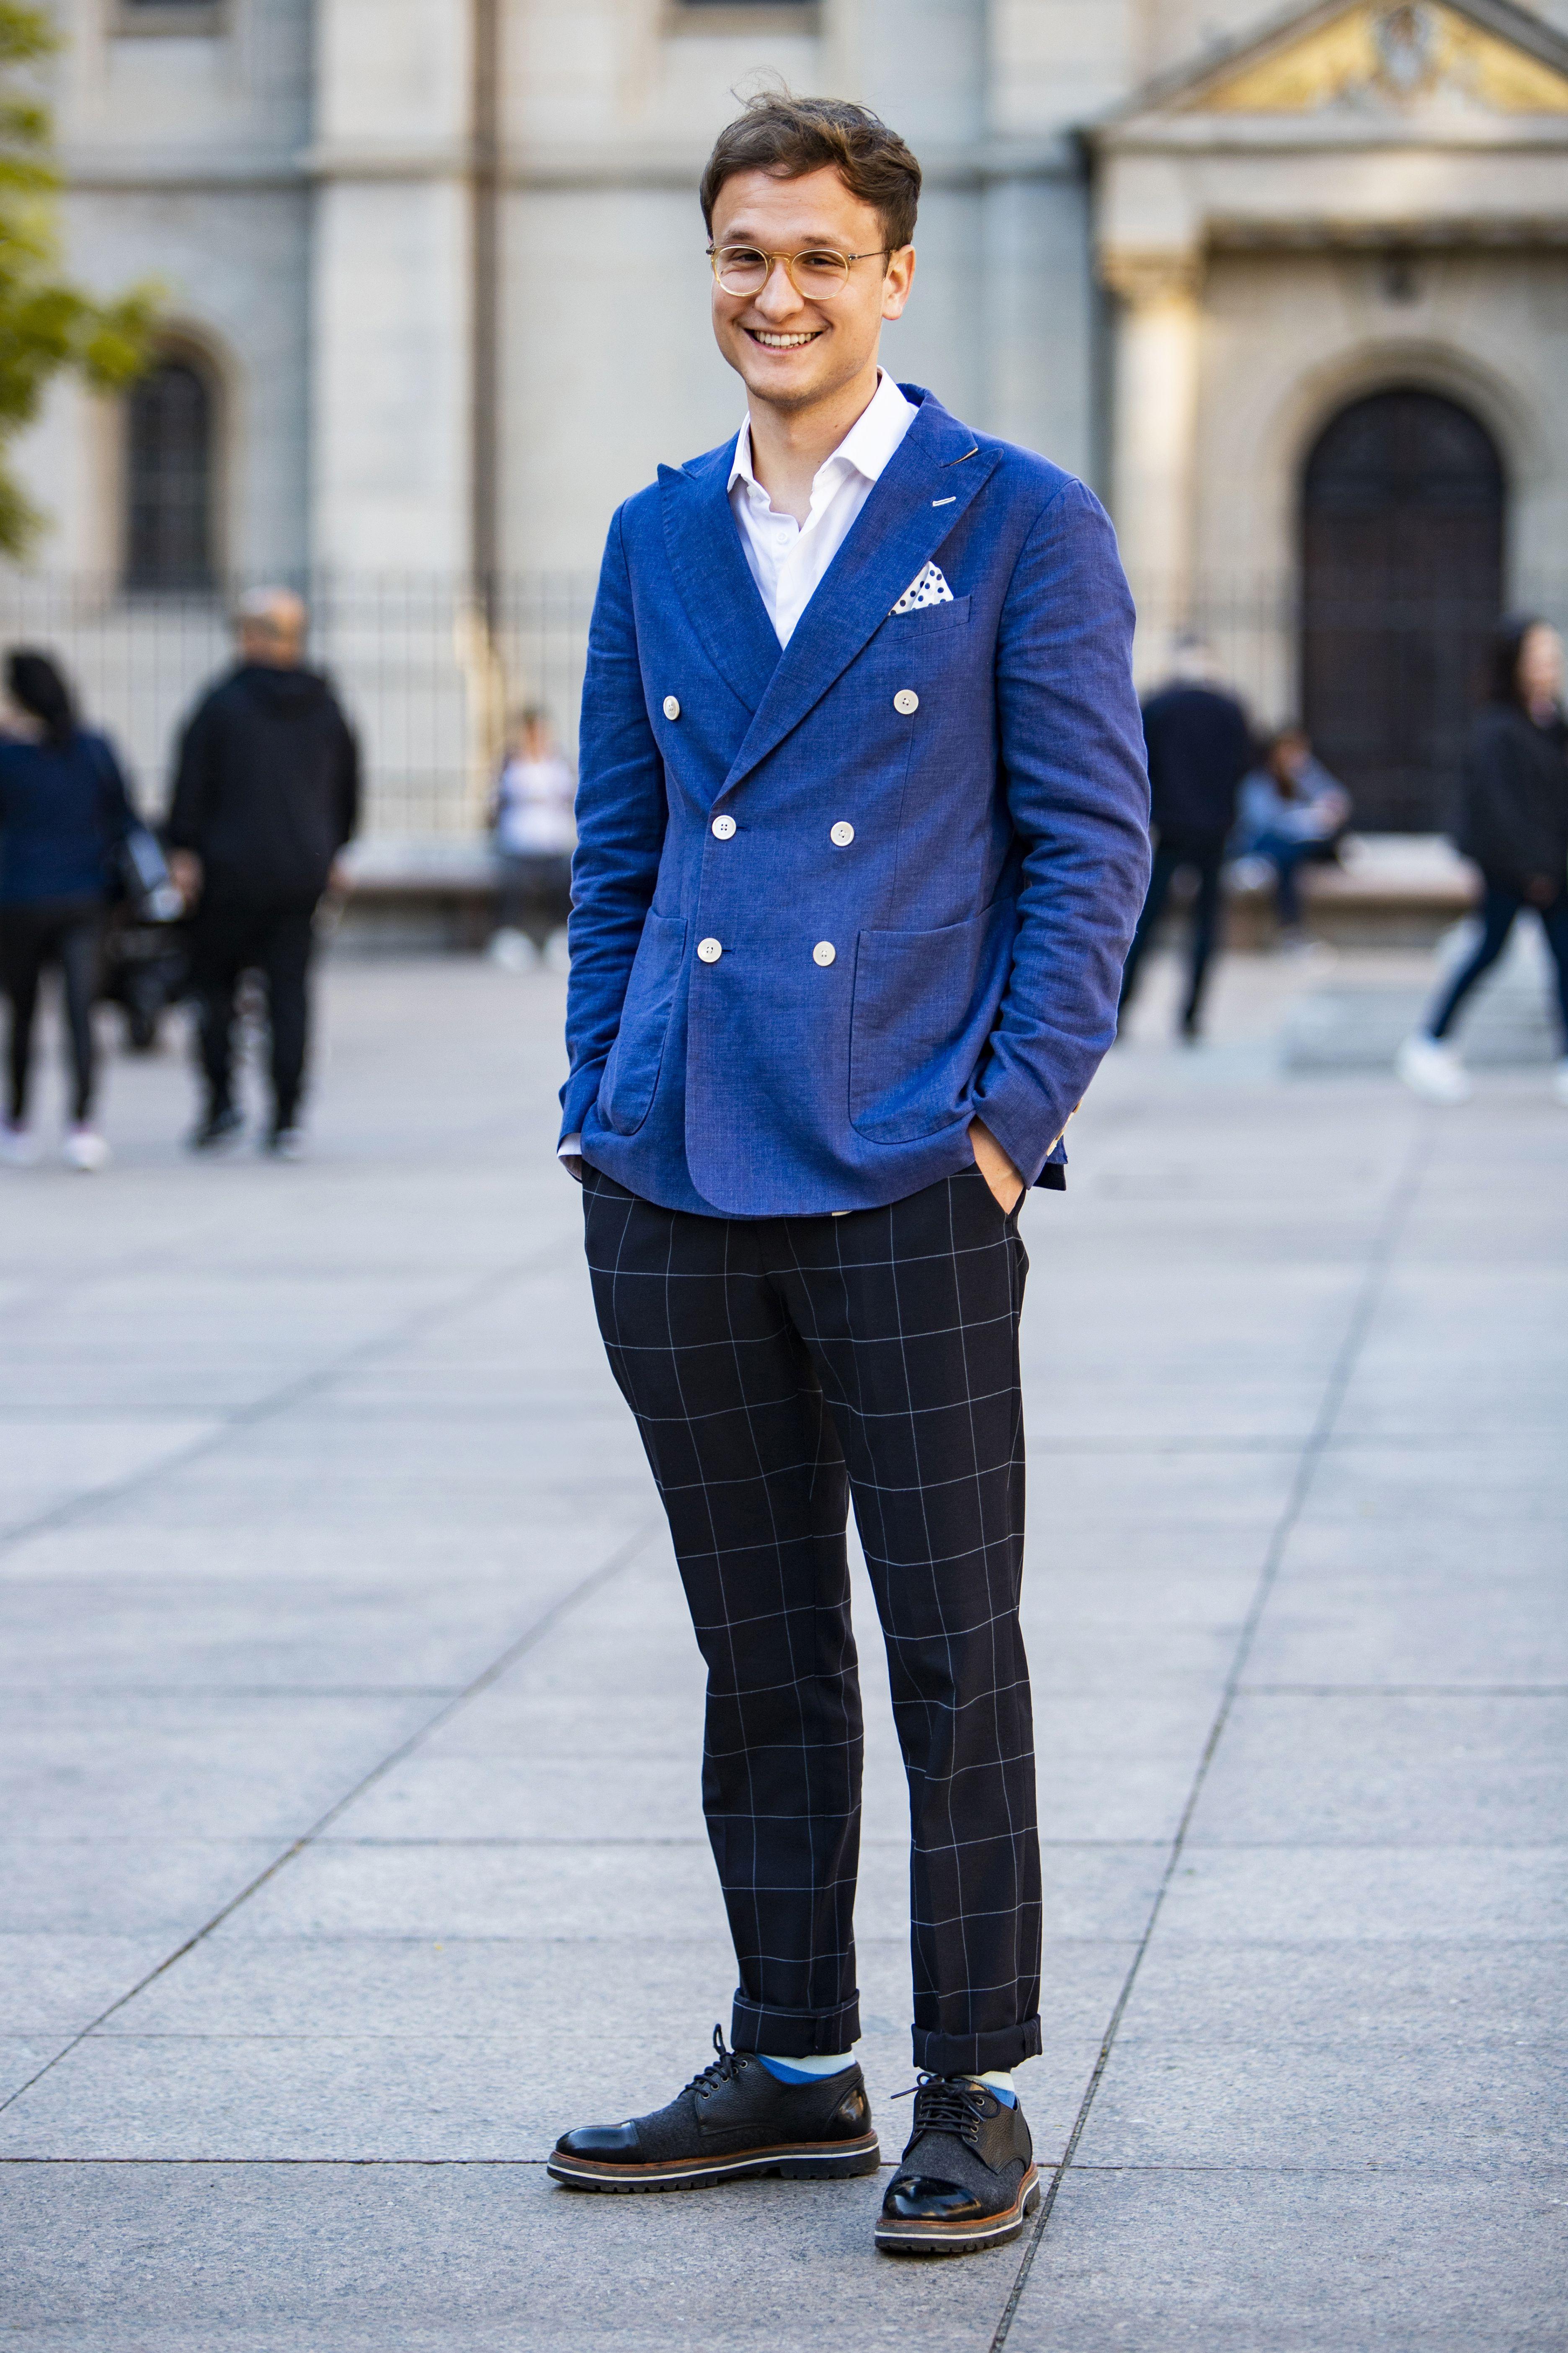 Ovaj cool mladić u plavom svojim se izdanjem baš istaknuo na špici!